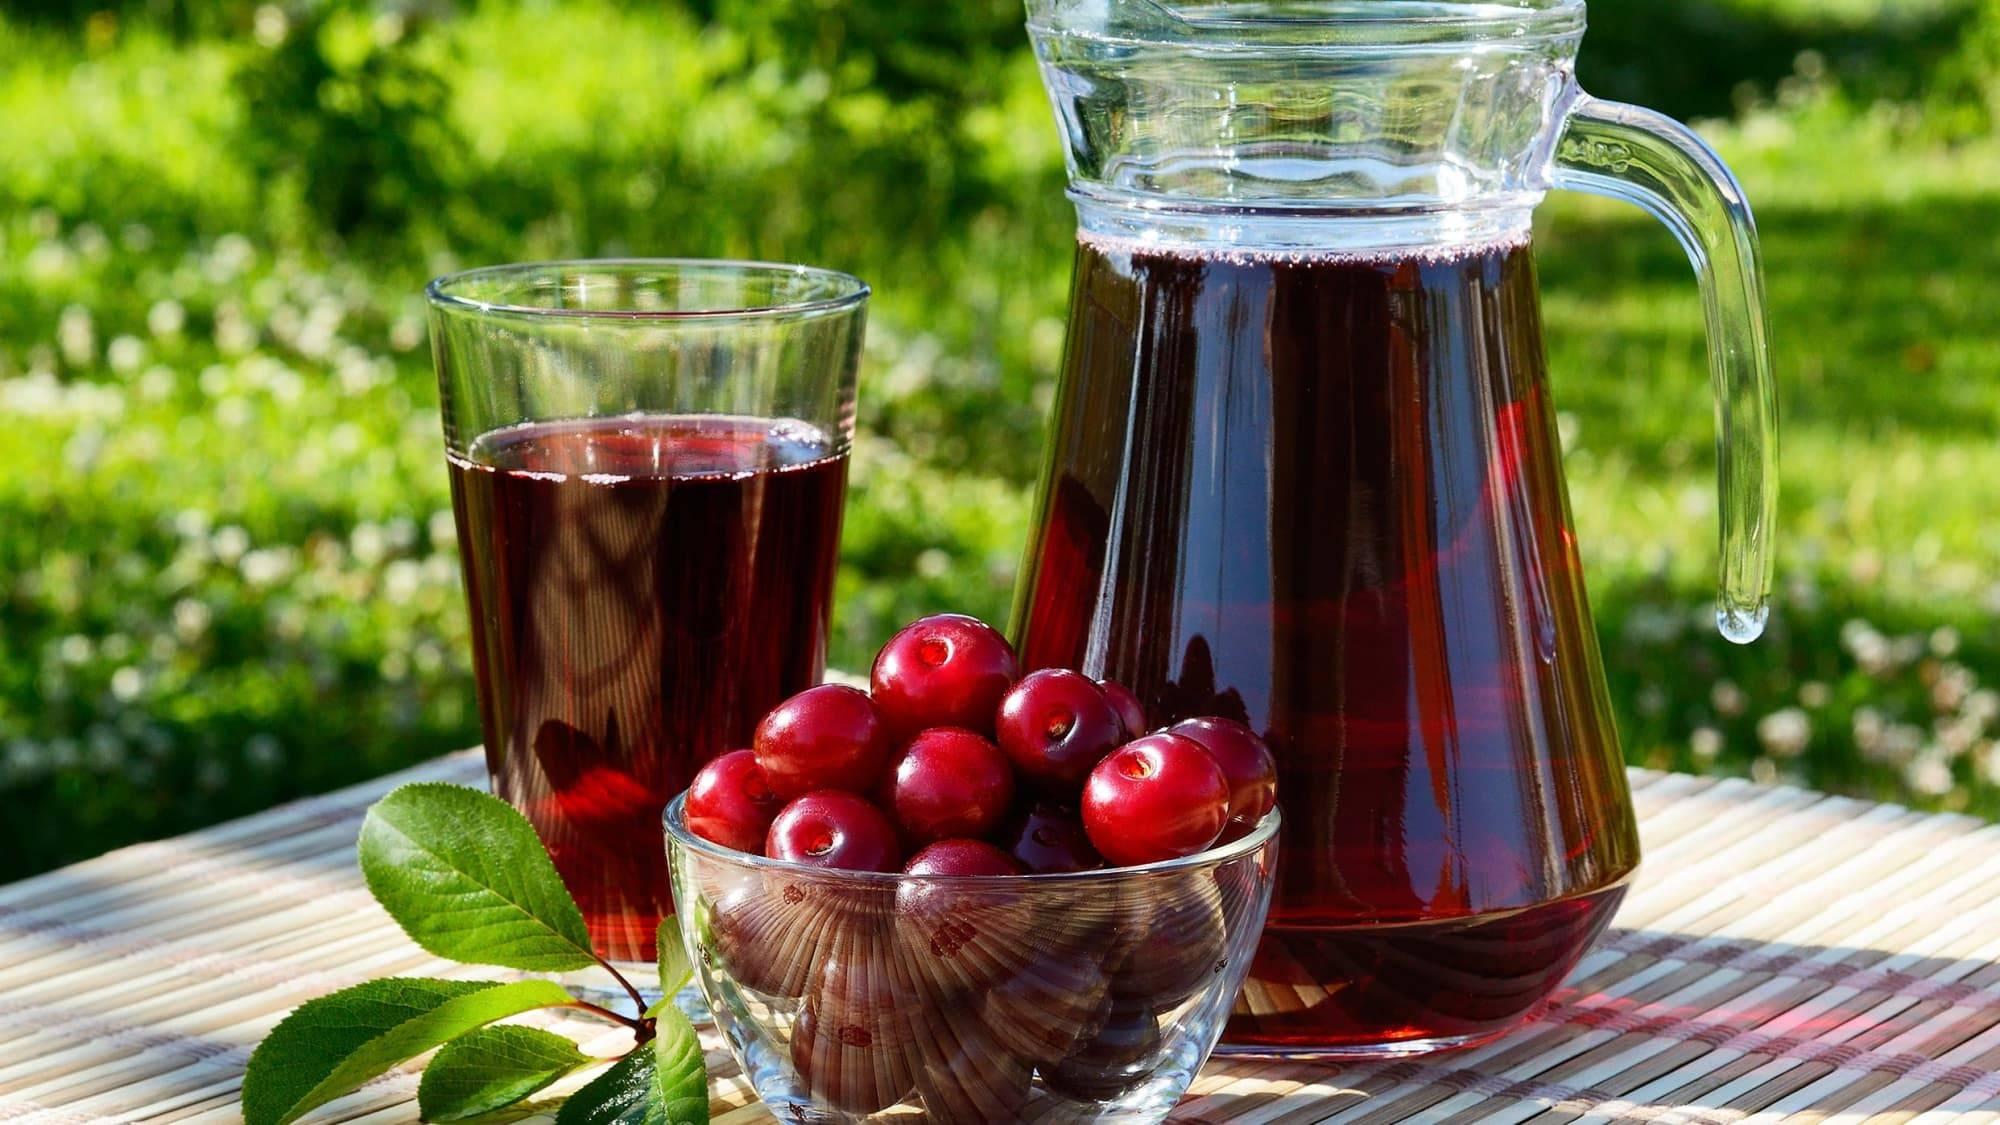 Все, что необходимо знать о пользе и лечебных свойствах вишни